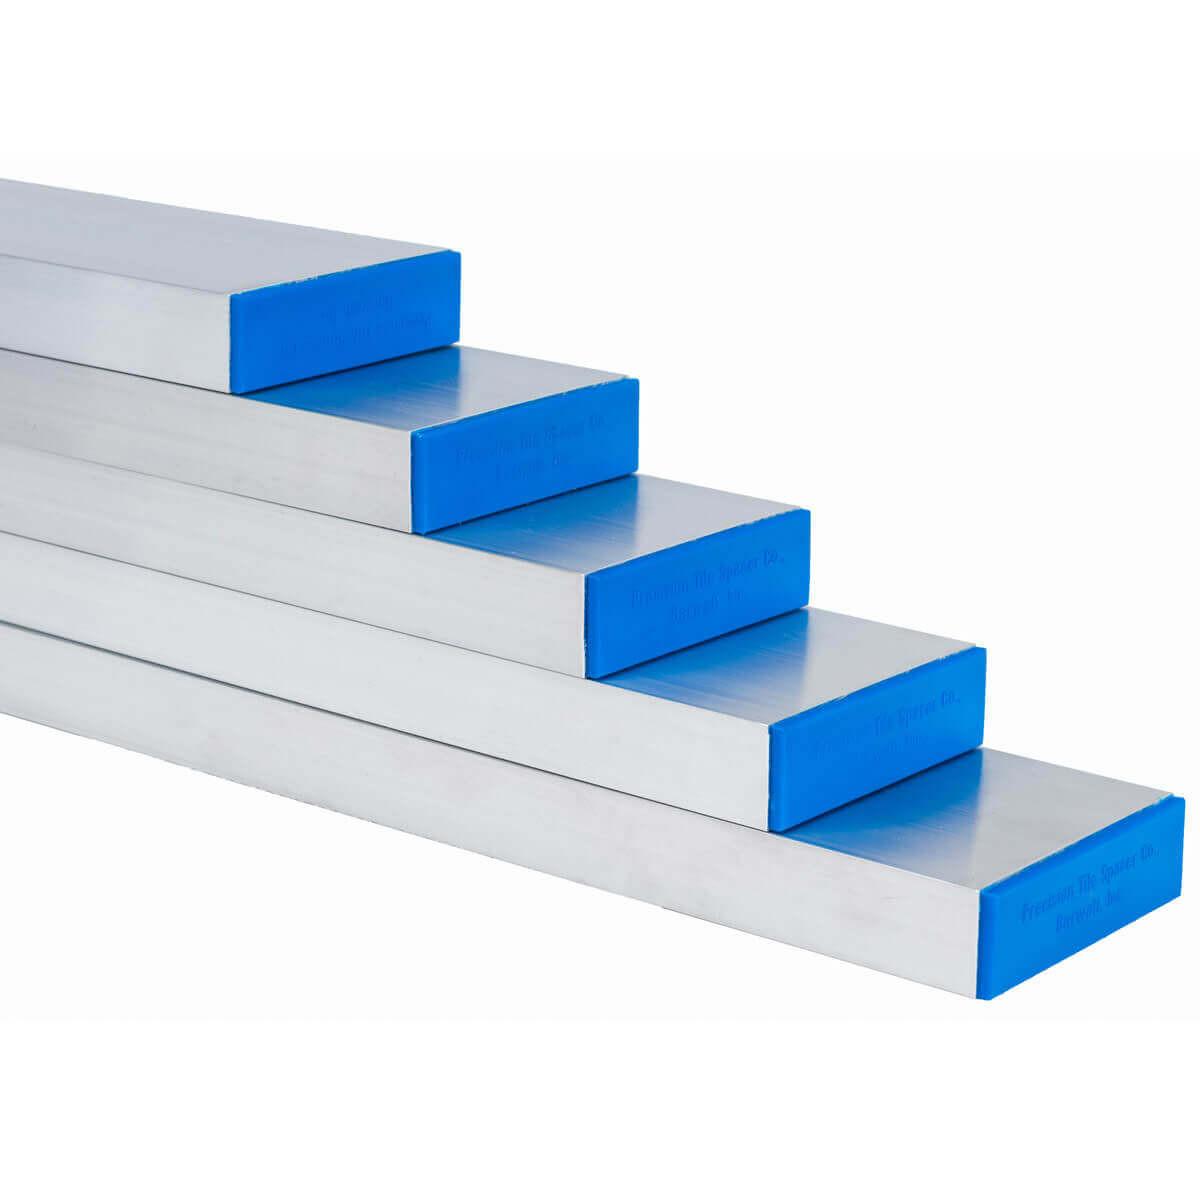 barwalt 5 piece straight edge set